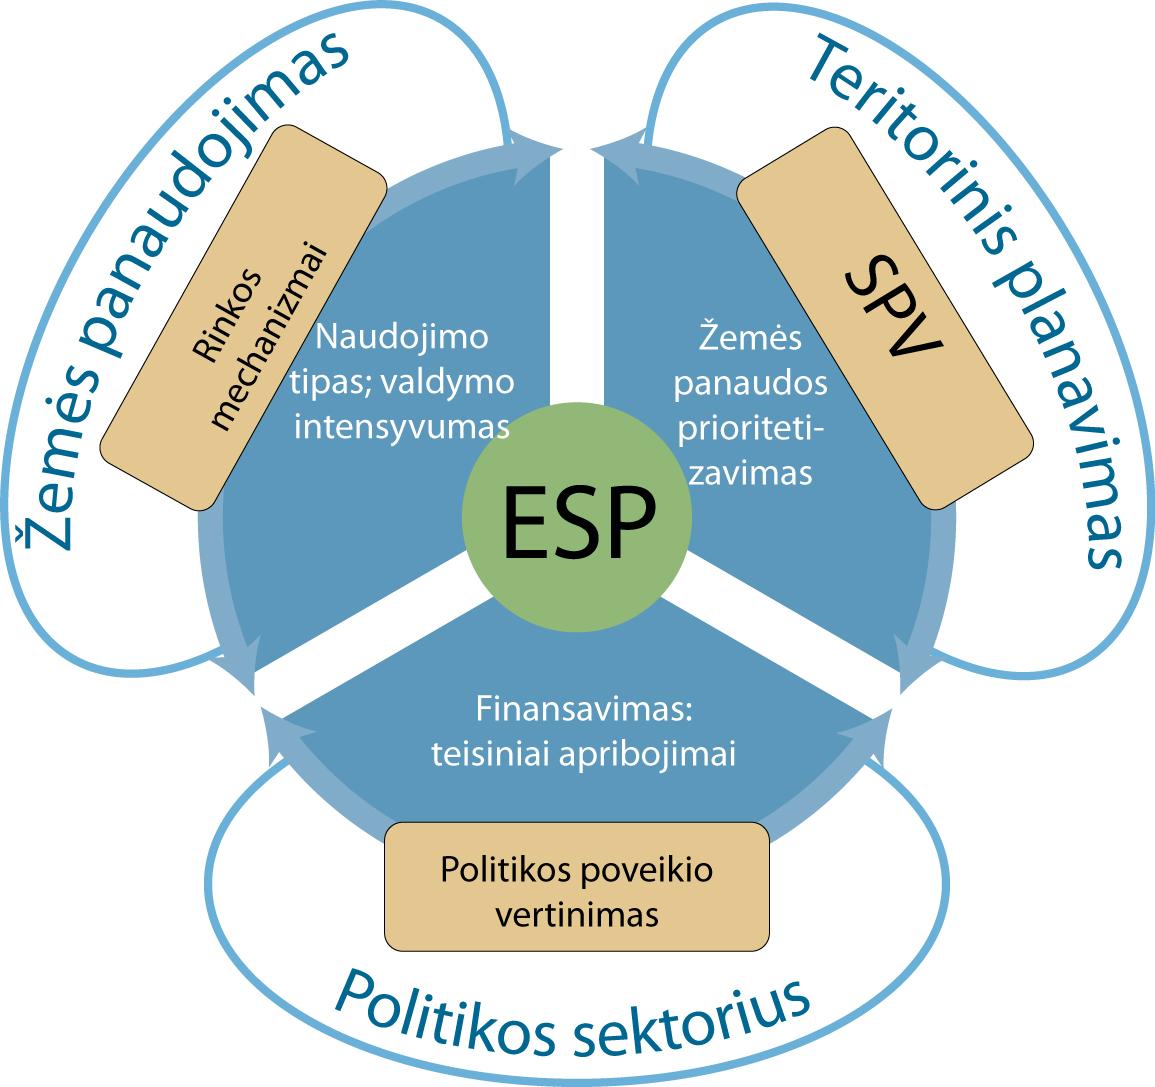 kompromiso analizės ekosistemos paslaugos